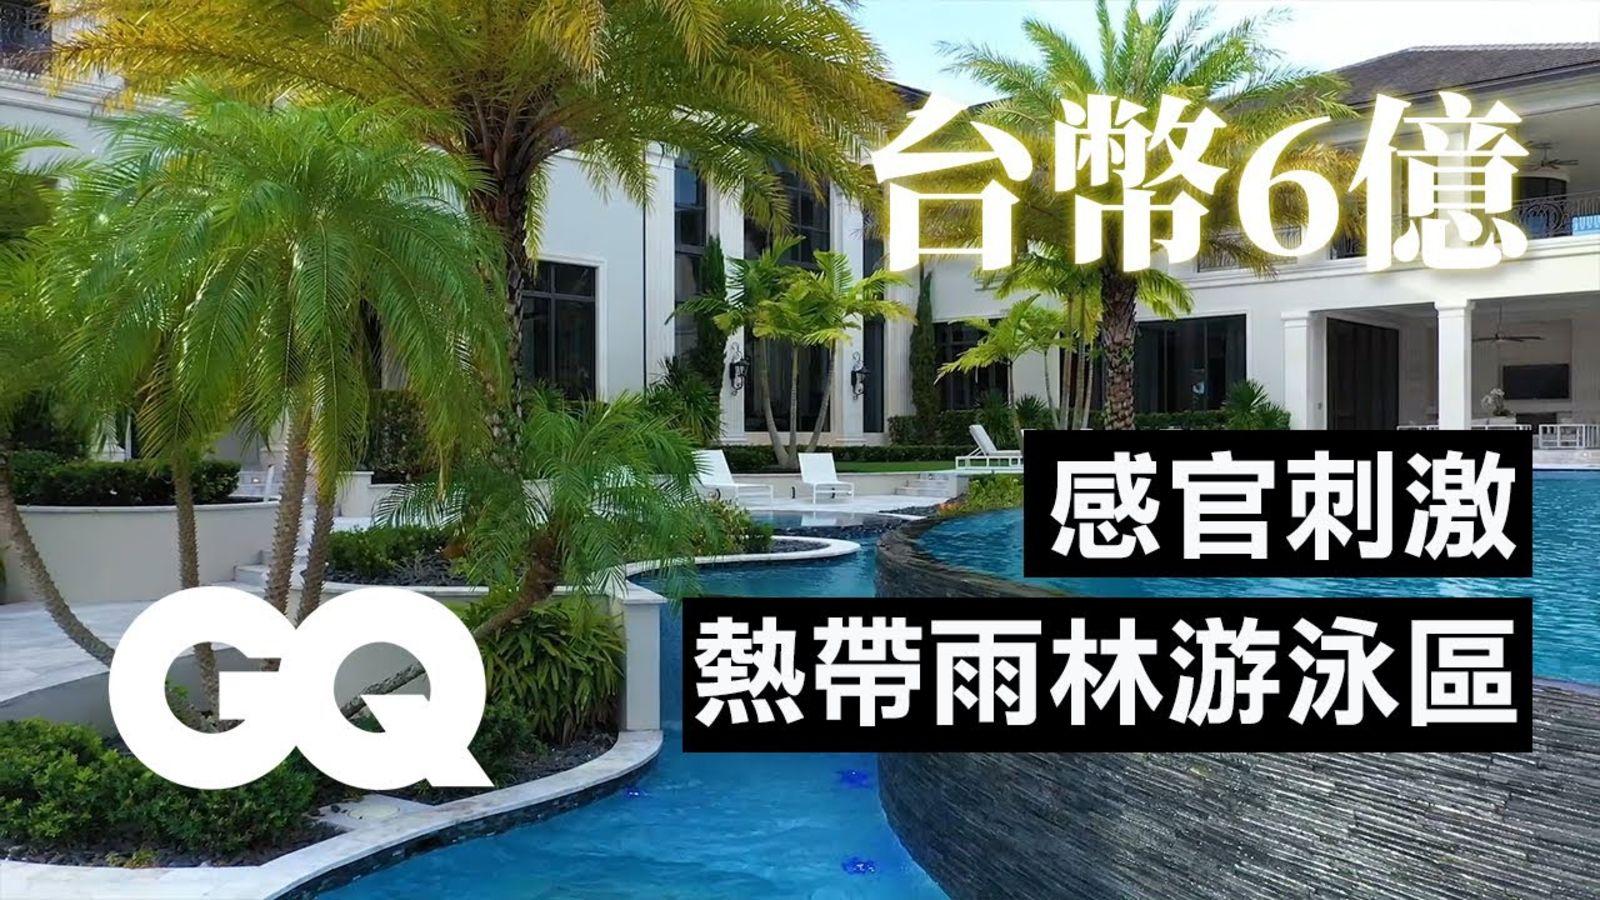 6億能買到私人小島度假村?佛州渡假海灘勝地 後院即是海 Inside A $23 Million Mega Mansion Surrounded By A Lake|超狂豪華住宅|GQ Taiwan